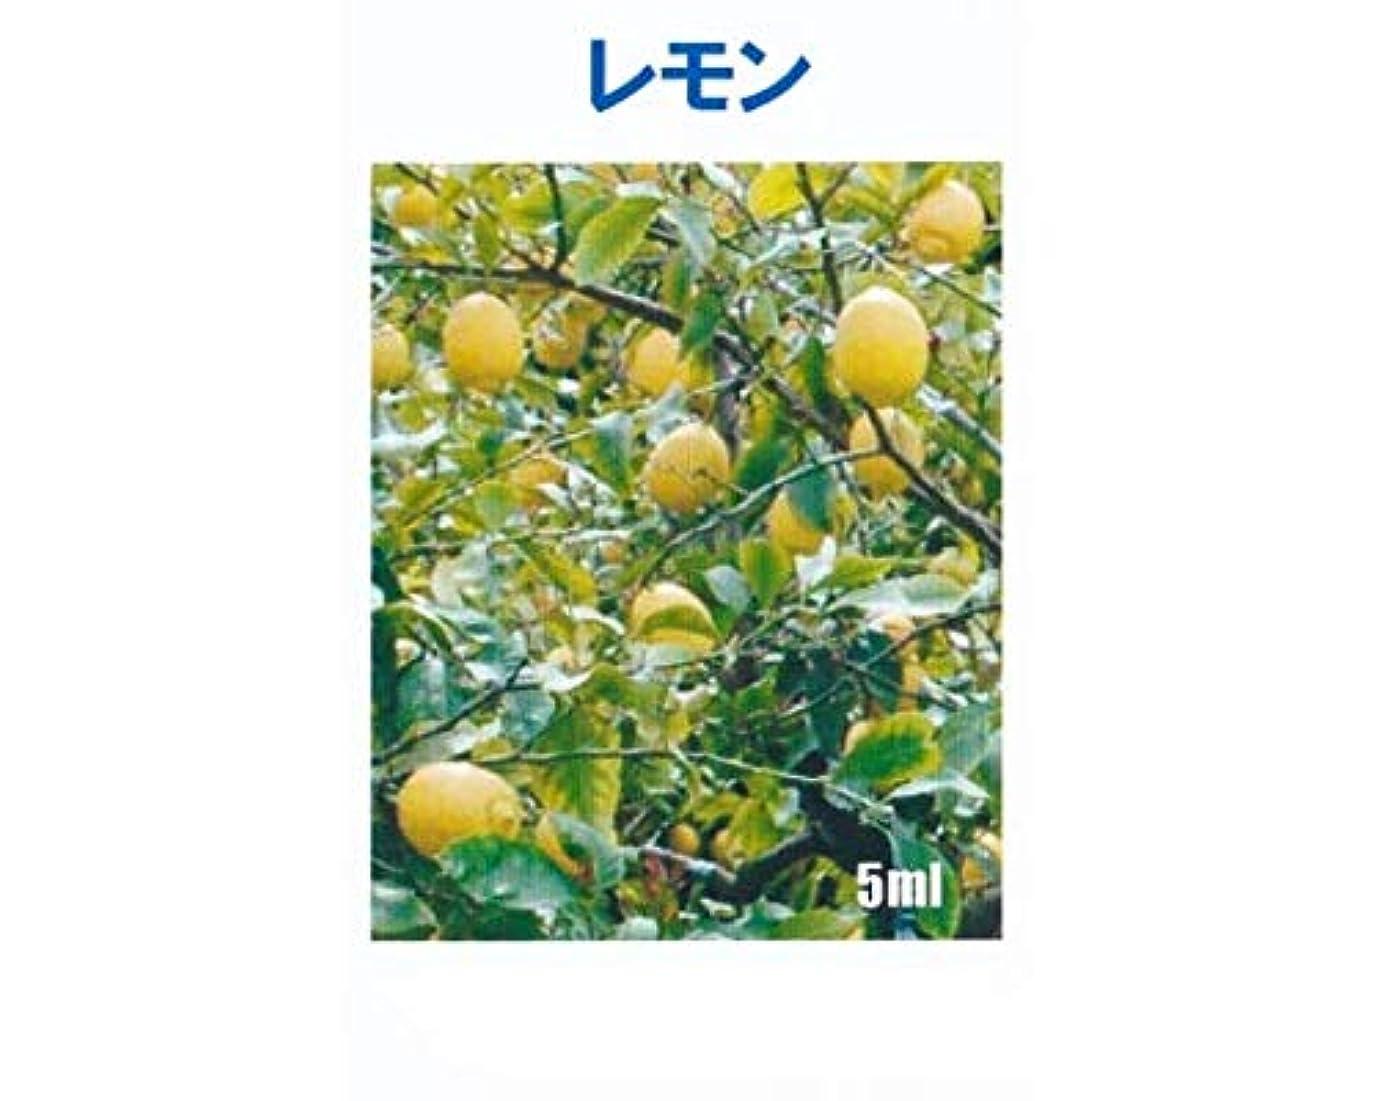 クロニクルしっとり凍るアロマオイル レモン 5ml エッセンシャルオイル 100%天然成分